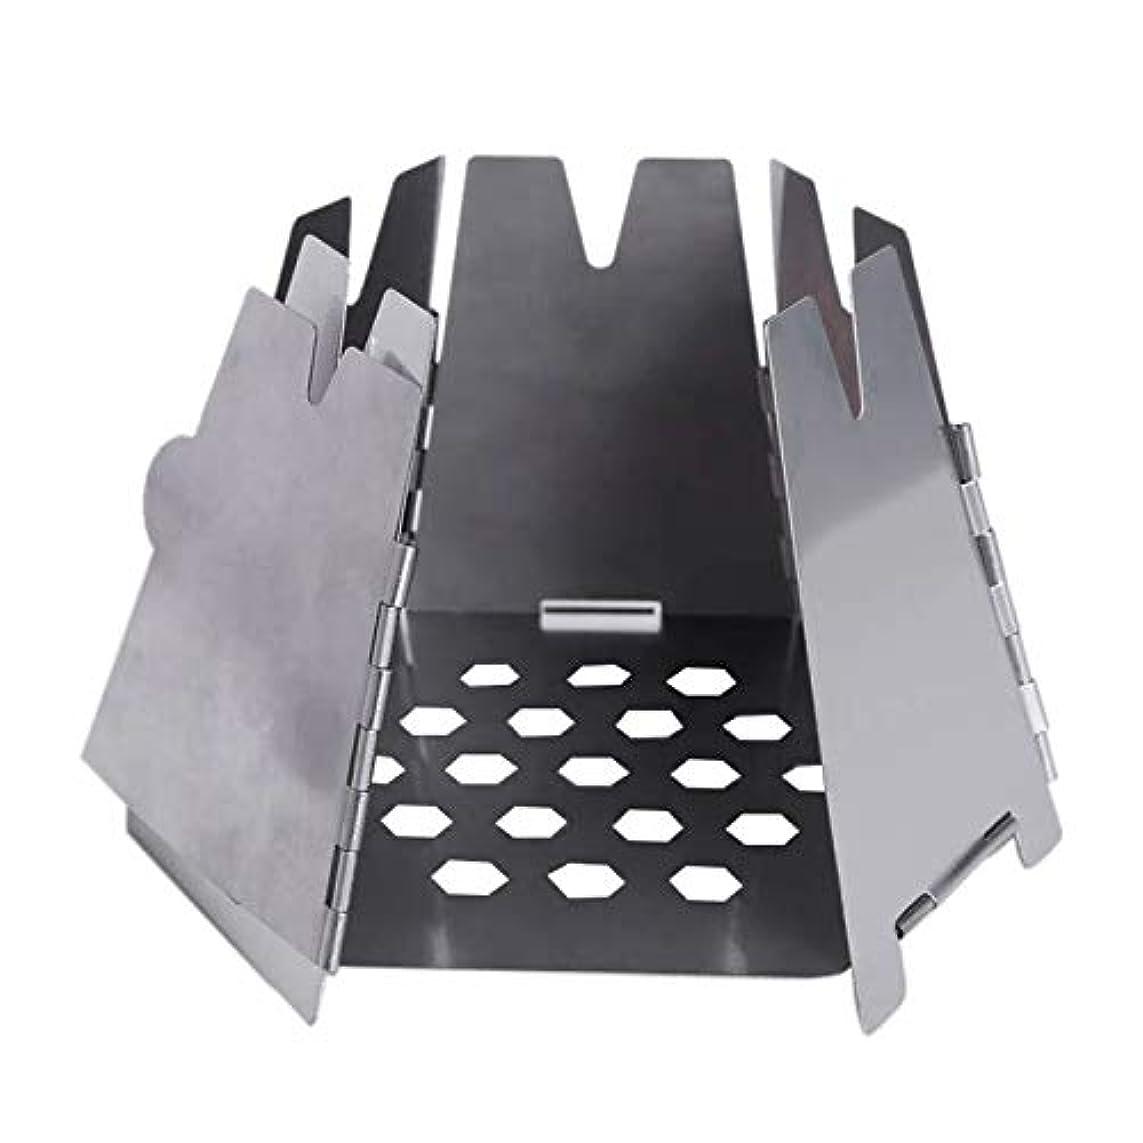 素晴らしさ粒病SODIAL 屋外キャンプストーブ ミニ折りたたみ六角形木材ストーブステンレス鋼 ポータブル炉調理生存バーベキューピクニックバーナー